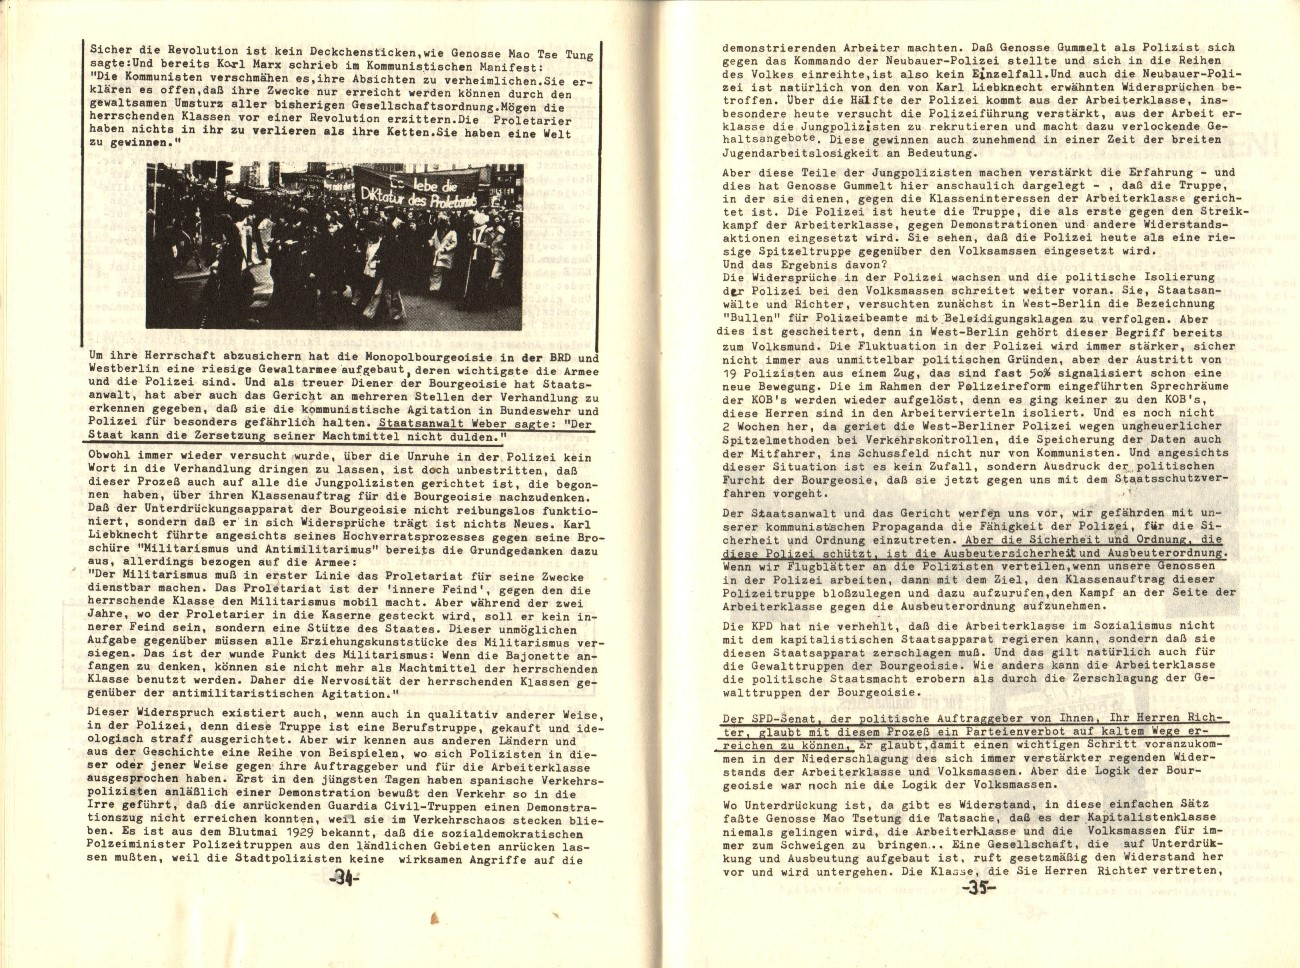 Berlin_KPD_1976_Staatsschutzprozess02_19